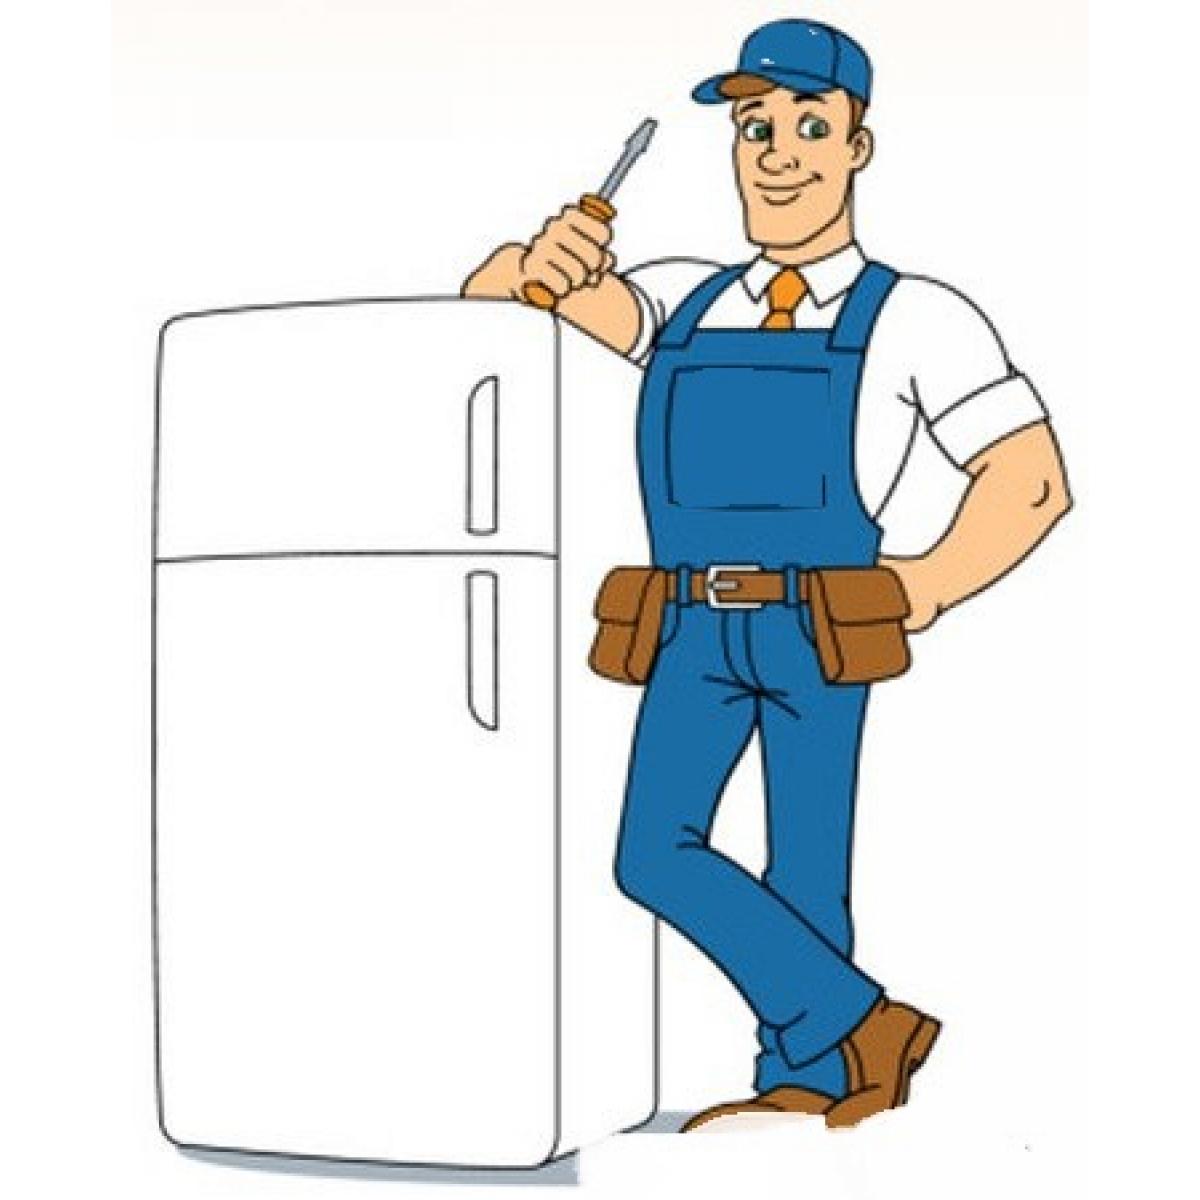 Ремонт холодильников прикольные картинки